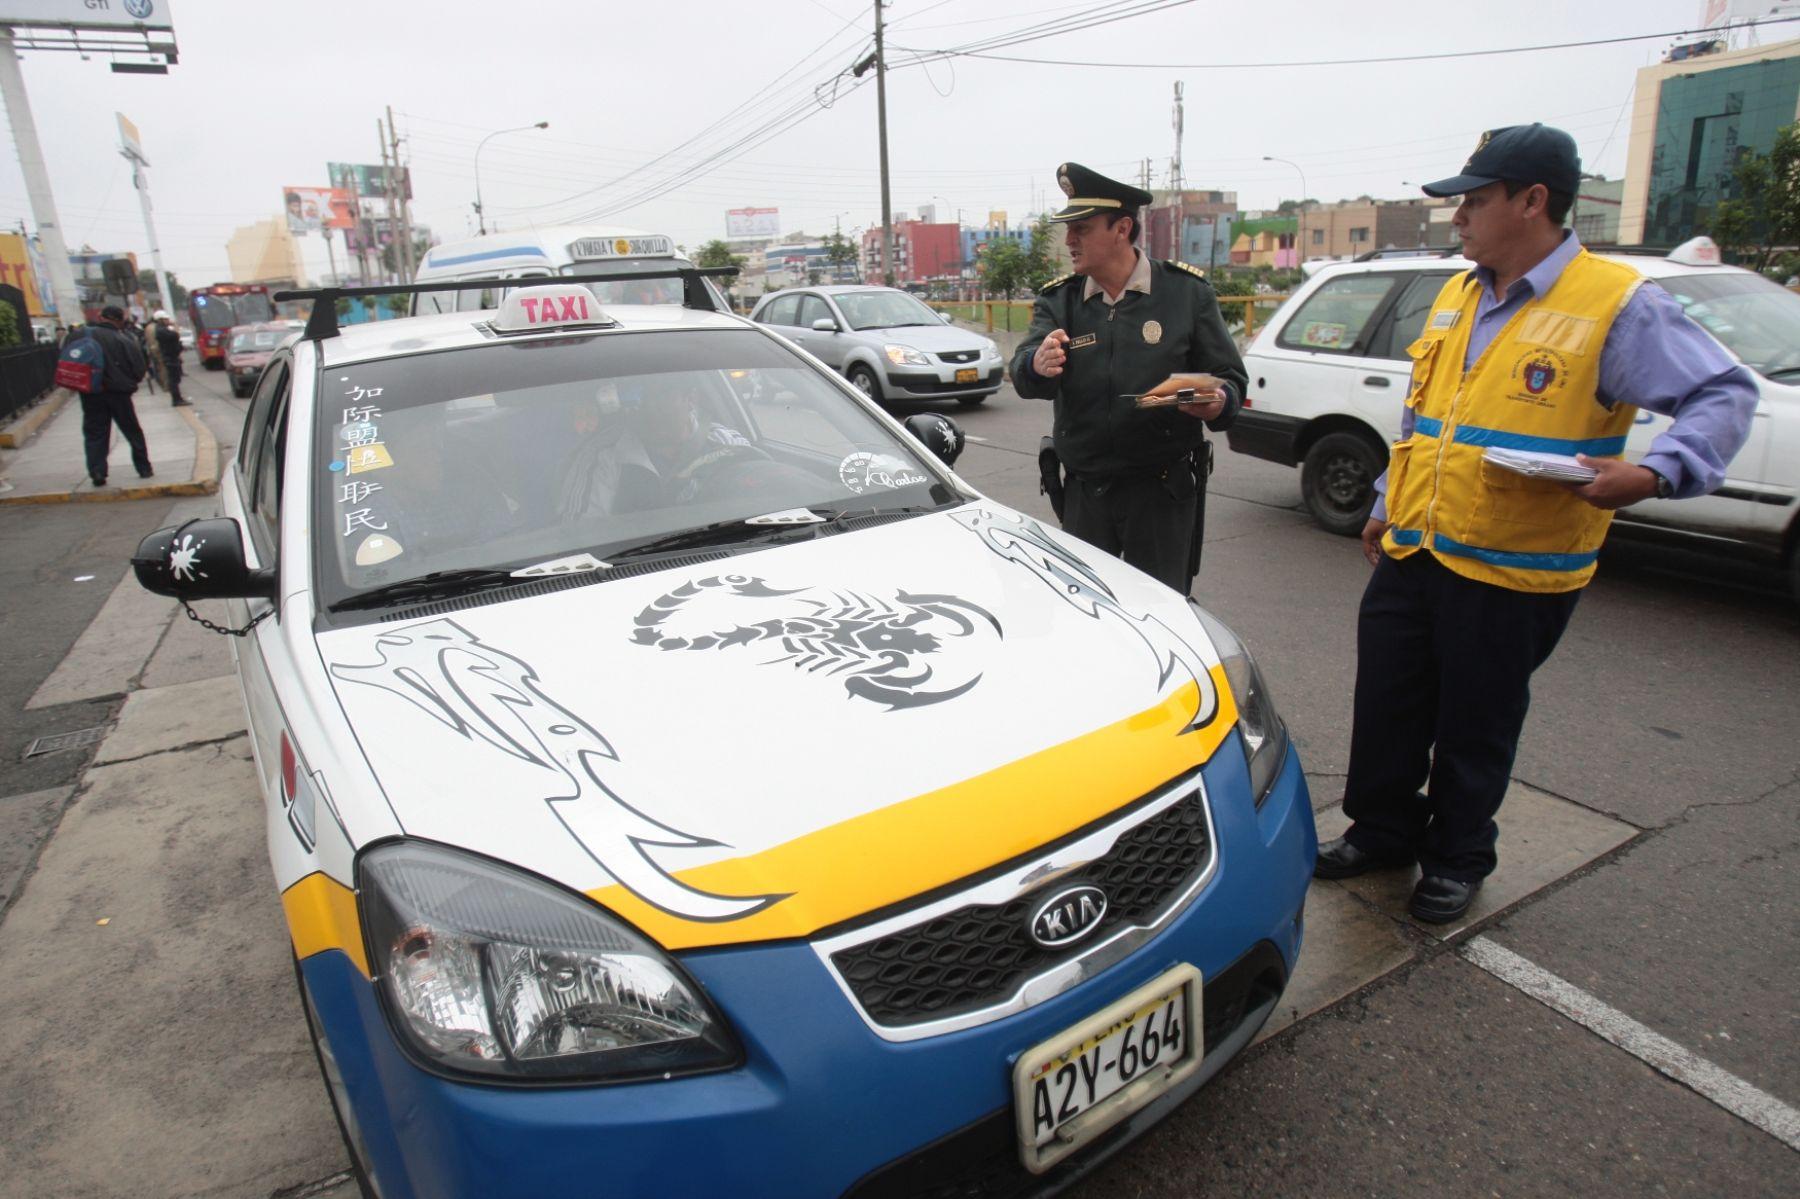 La municipalidad de Lima realizó esta mañana un operativo contra los colectivos informales de la vía Expresa. Foto: ANDINA/Juan Carlos Guzmán Negrini.